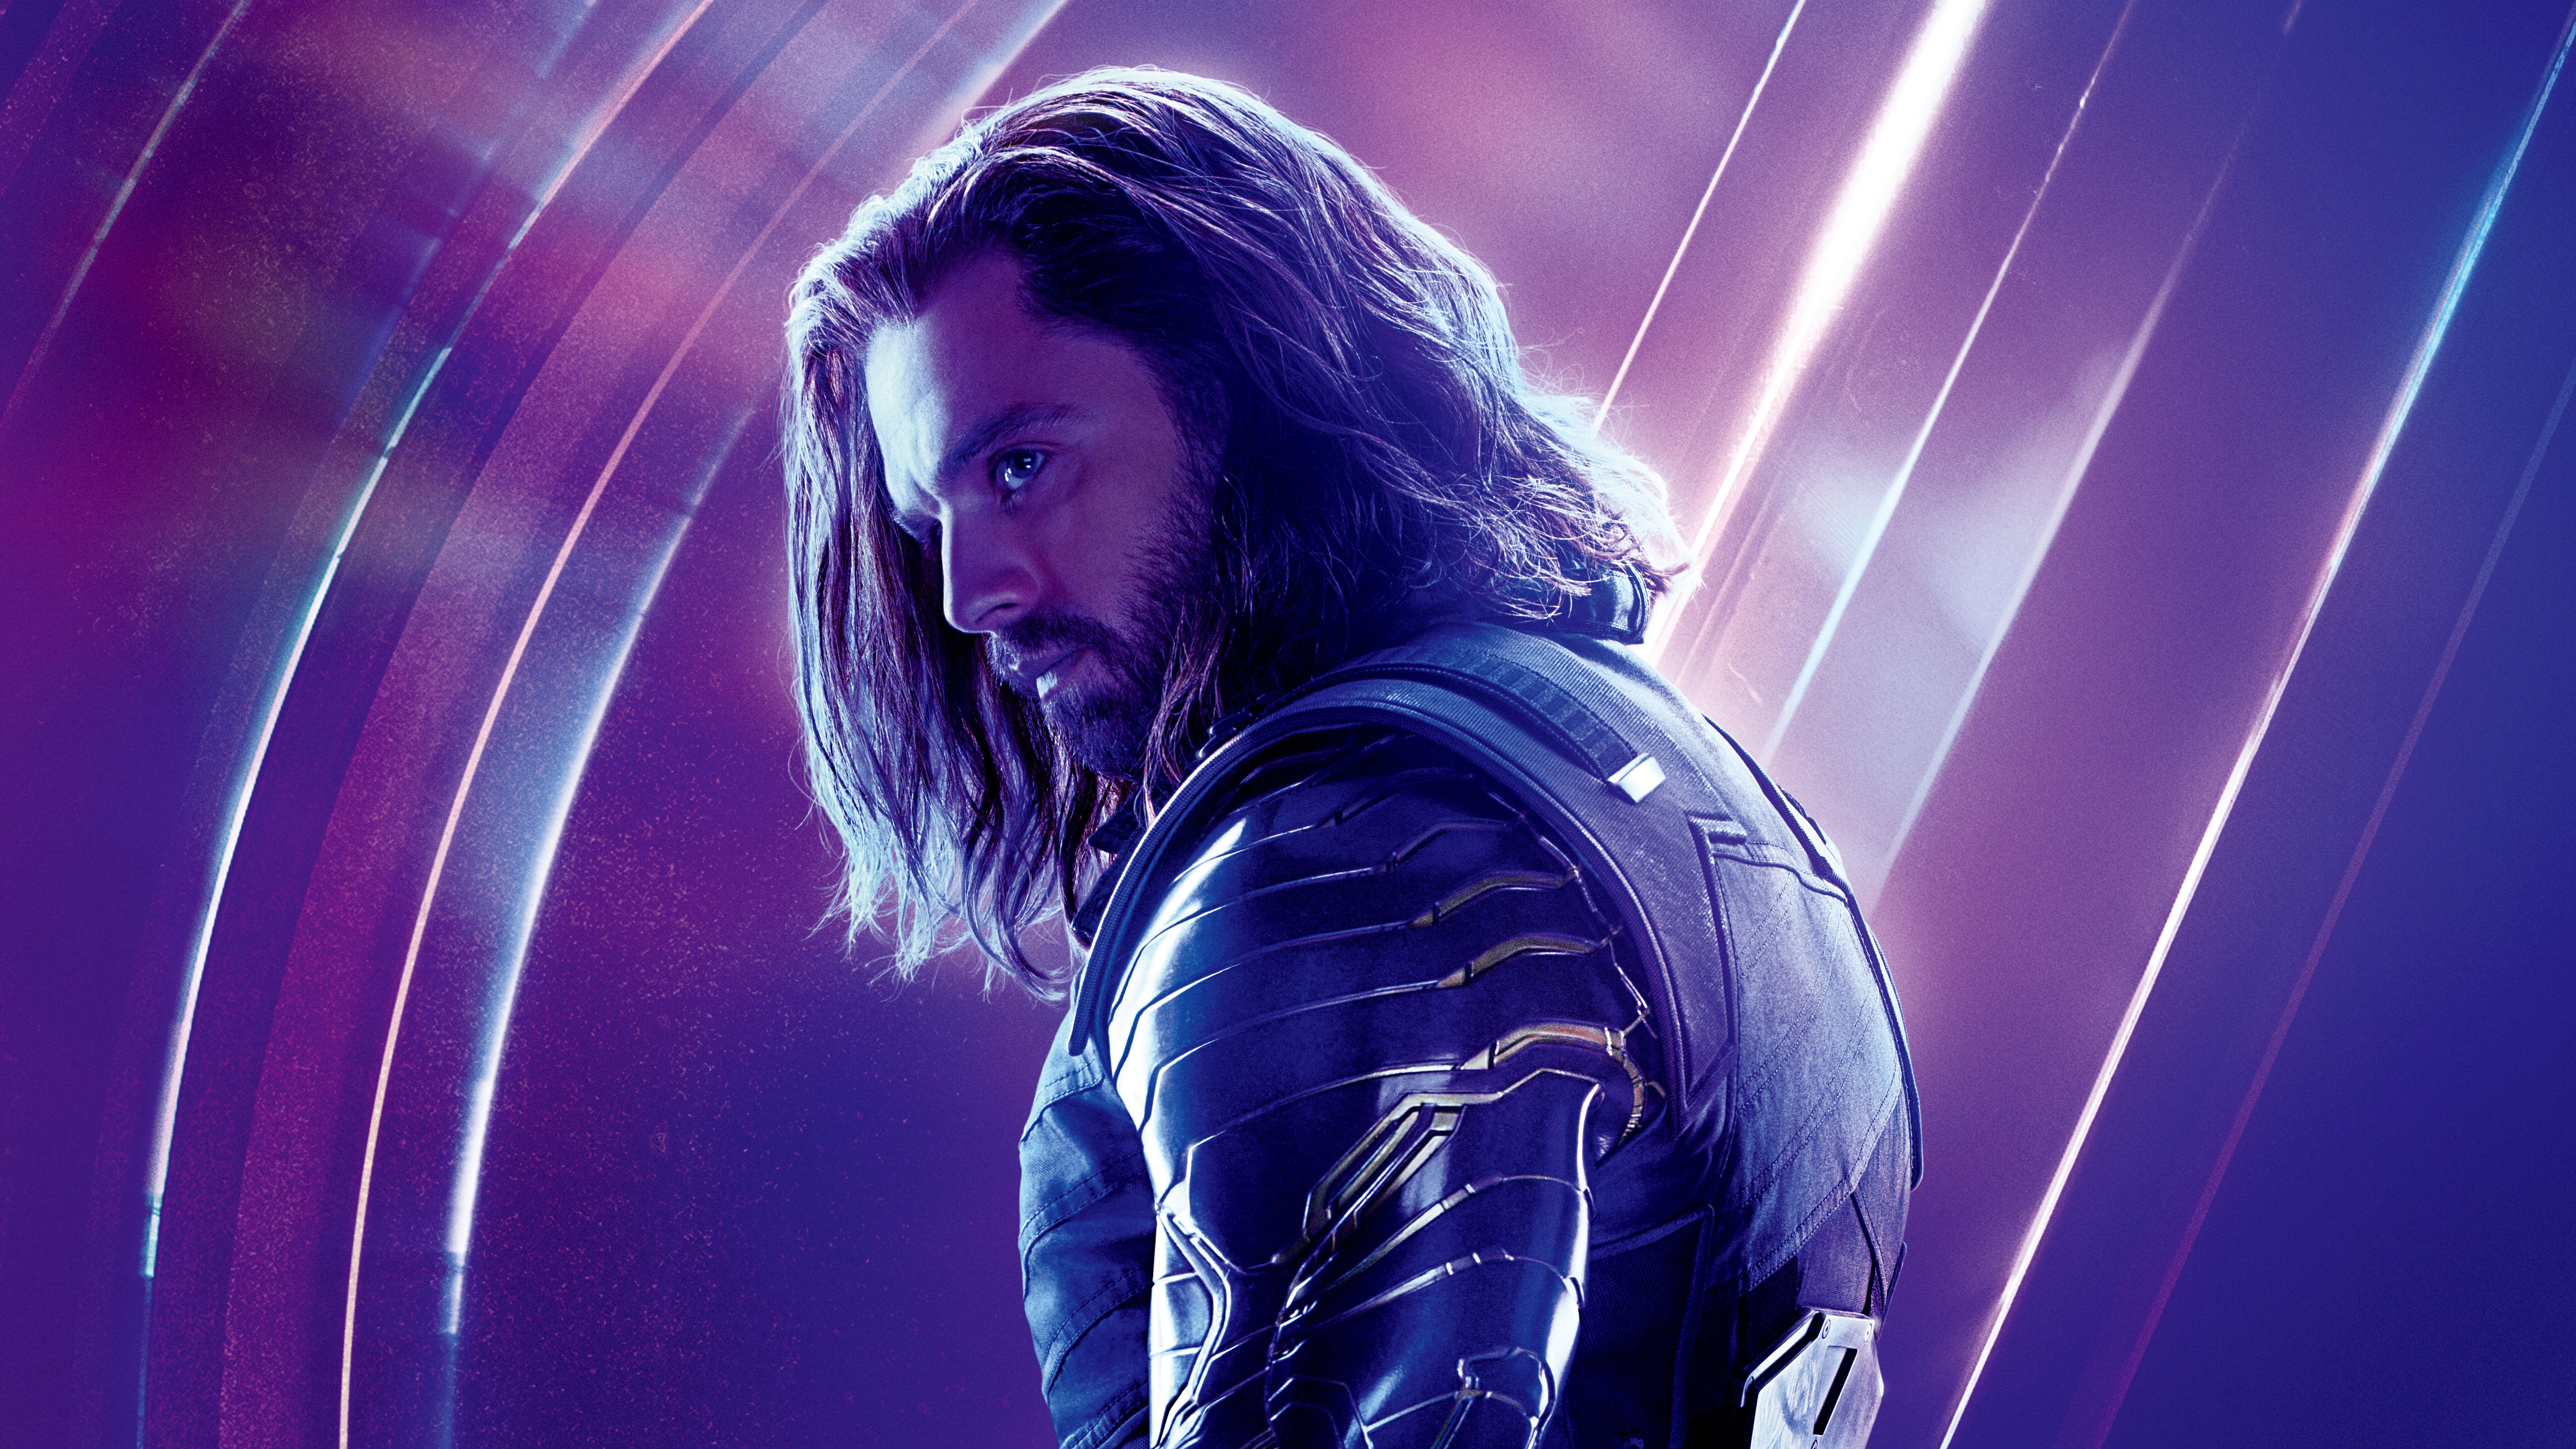 7680x4320 Bucky Barnes In Avengers Infinity War 8k Poster